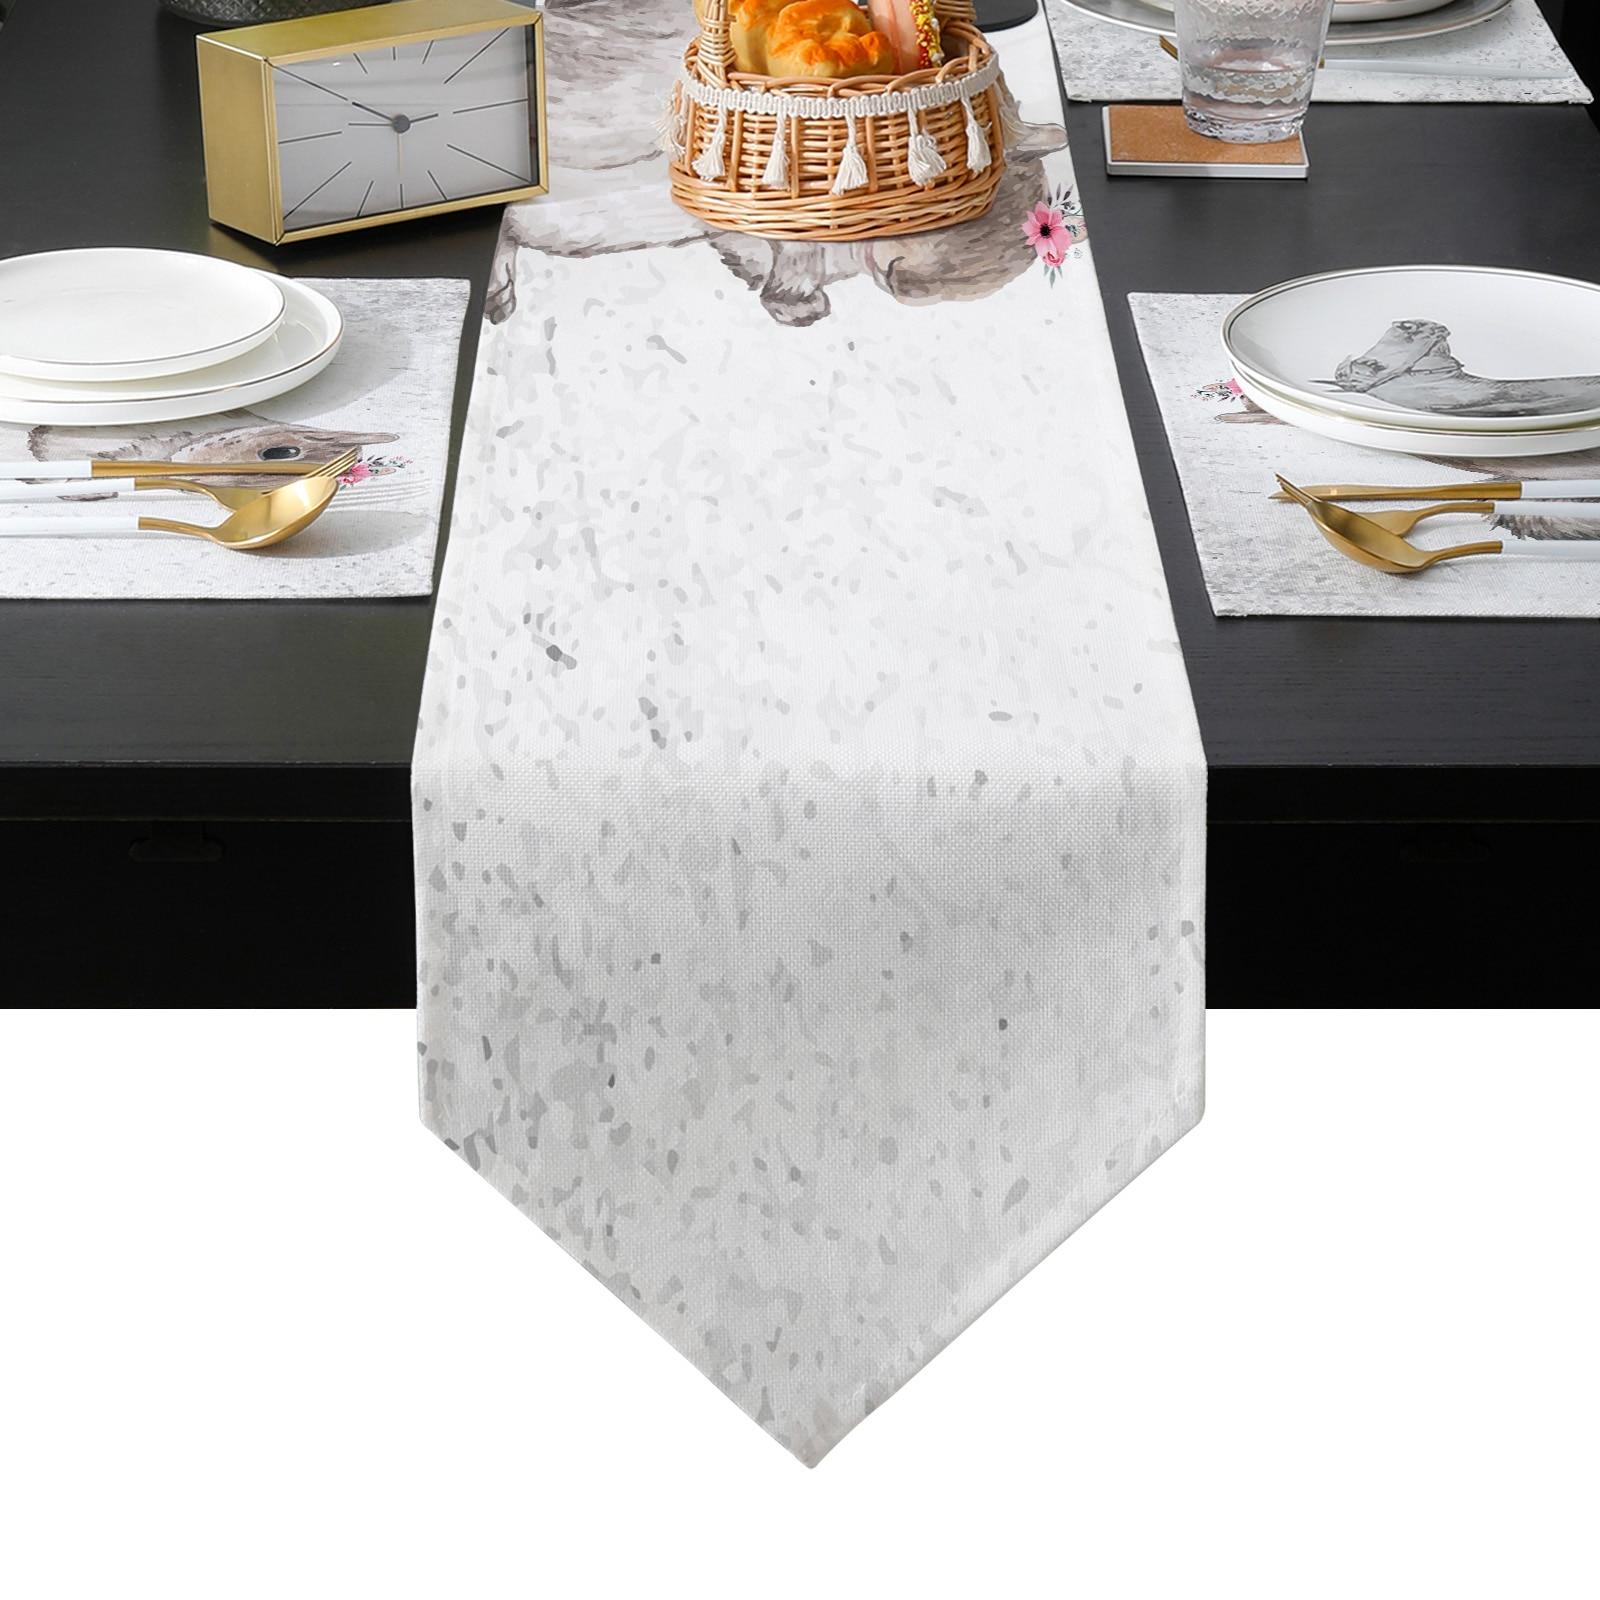 لطيف السنجاب المائية زهرة الحيوان الزفاف الجدول عداء الجدول حصيرة الجدول العلم الشاي غطاء الخزانة Tablecloth ديكور المنزل